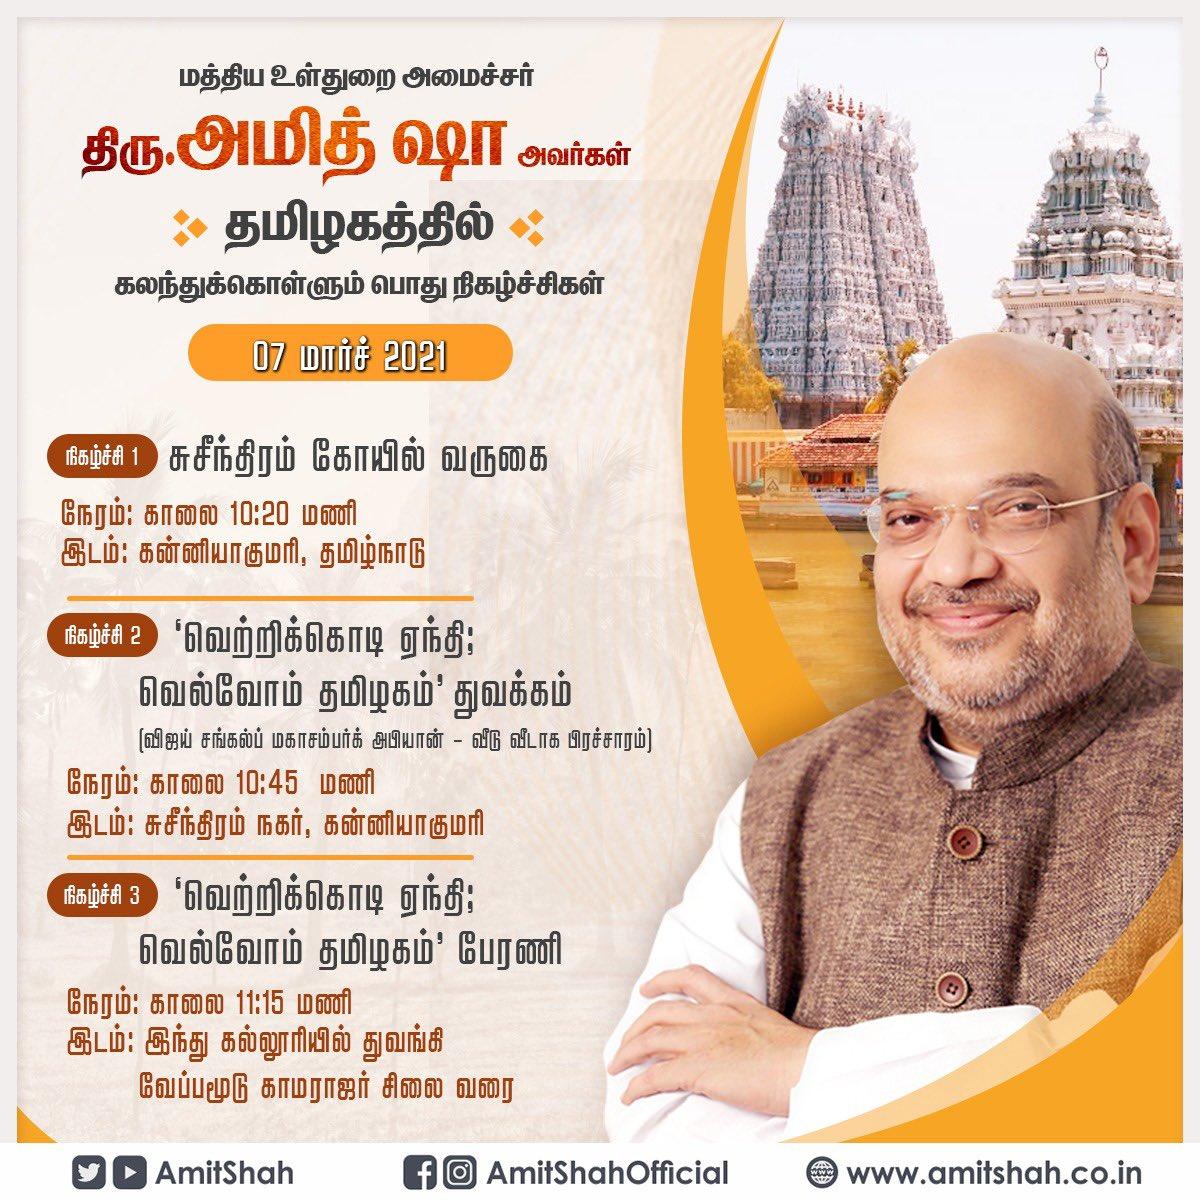 தமிழகத்தில் நாளை (மார்ச் 07) மத்திய உள்துறை அமைச்சர் திரு.அமித்ஷா அவர்களின் பொது நிகழ்ச்சிகள்.  Union Home Minister Shri @AmitShah's public programmes in Tamil Nadu tomorrow, 7th March 2021.